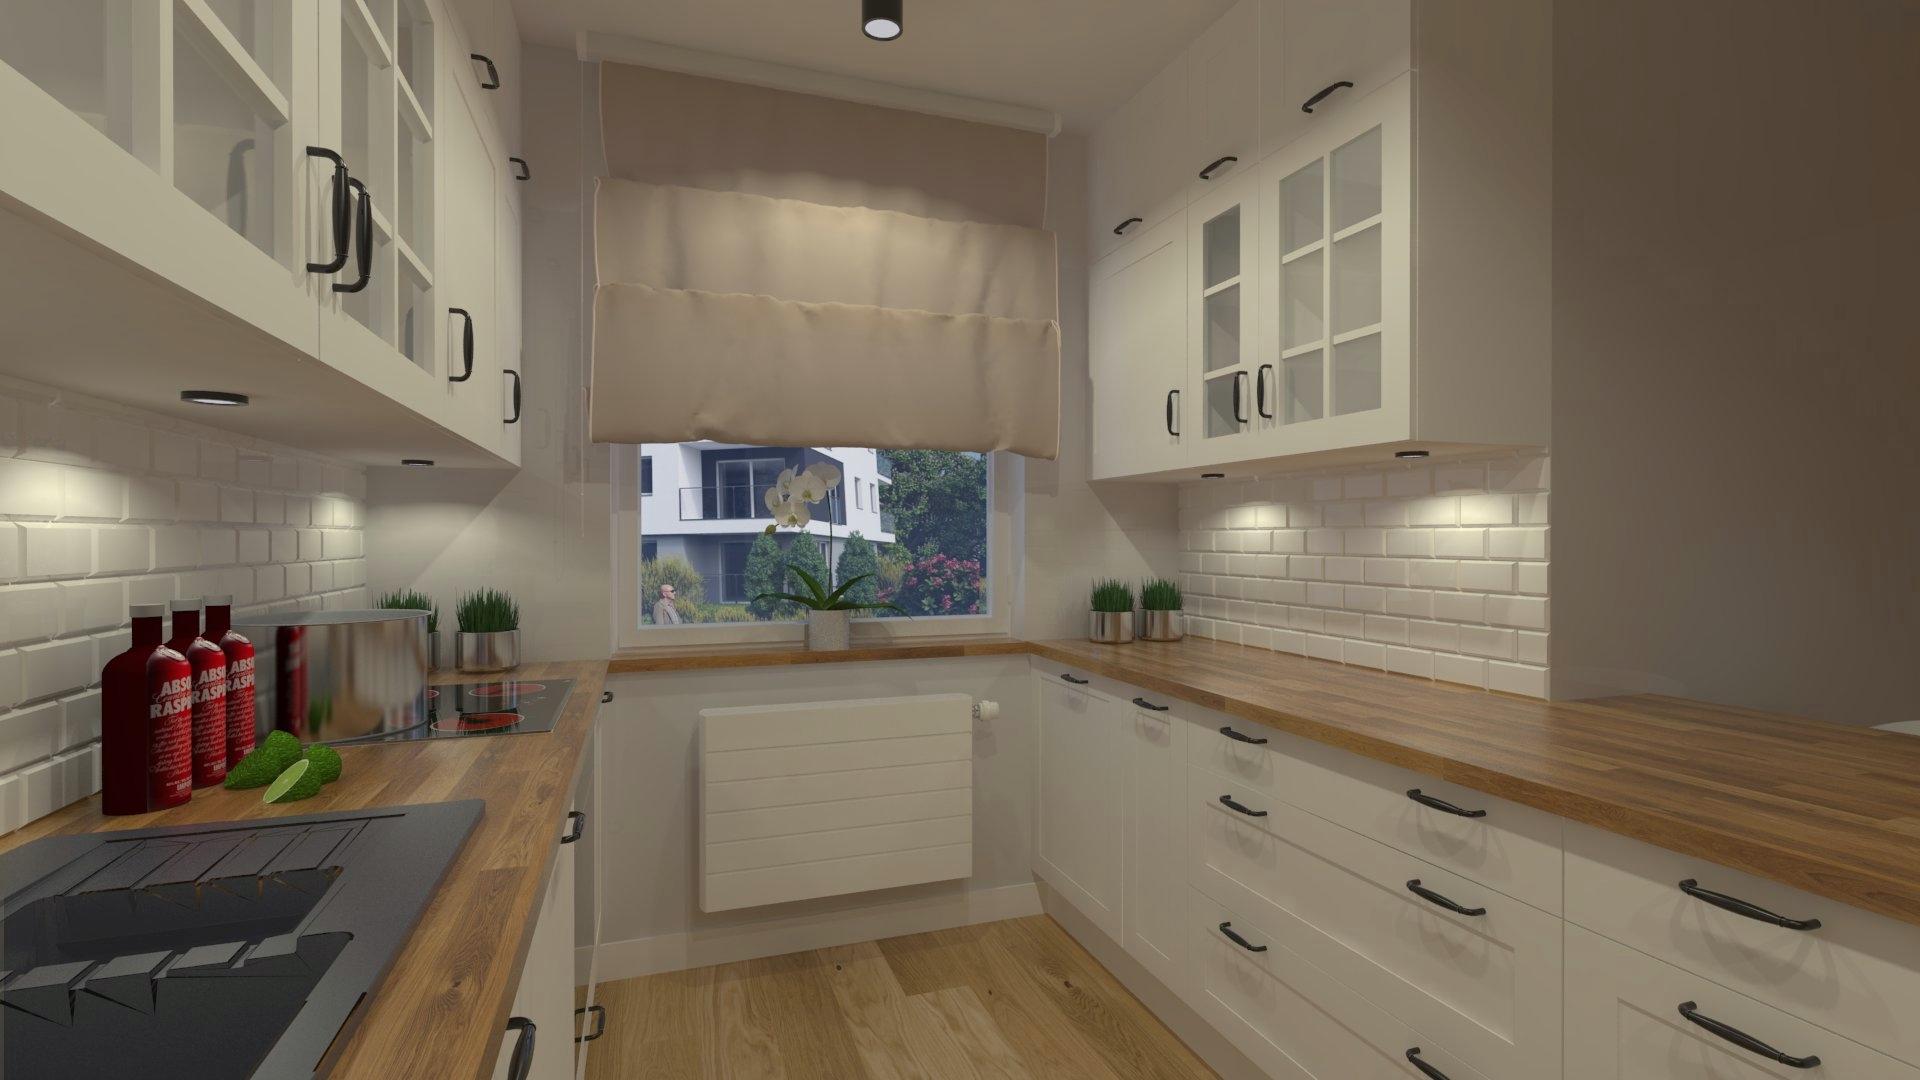 Projekt białej kuchni w skandynawskim stylu wykonanym przez studio novoART zajmującego się projektowaniem i aranżacją ,kuchni na wymiar